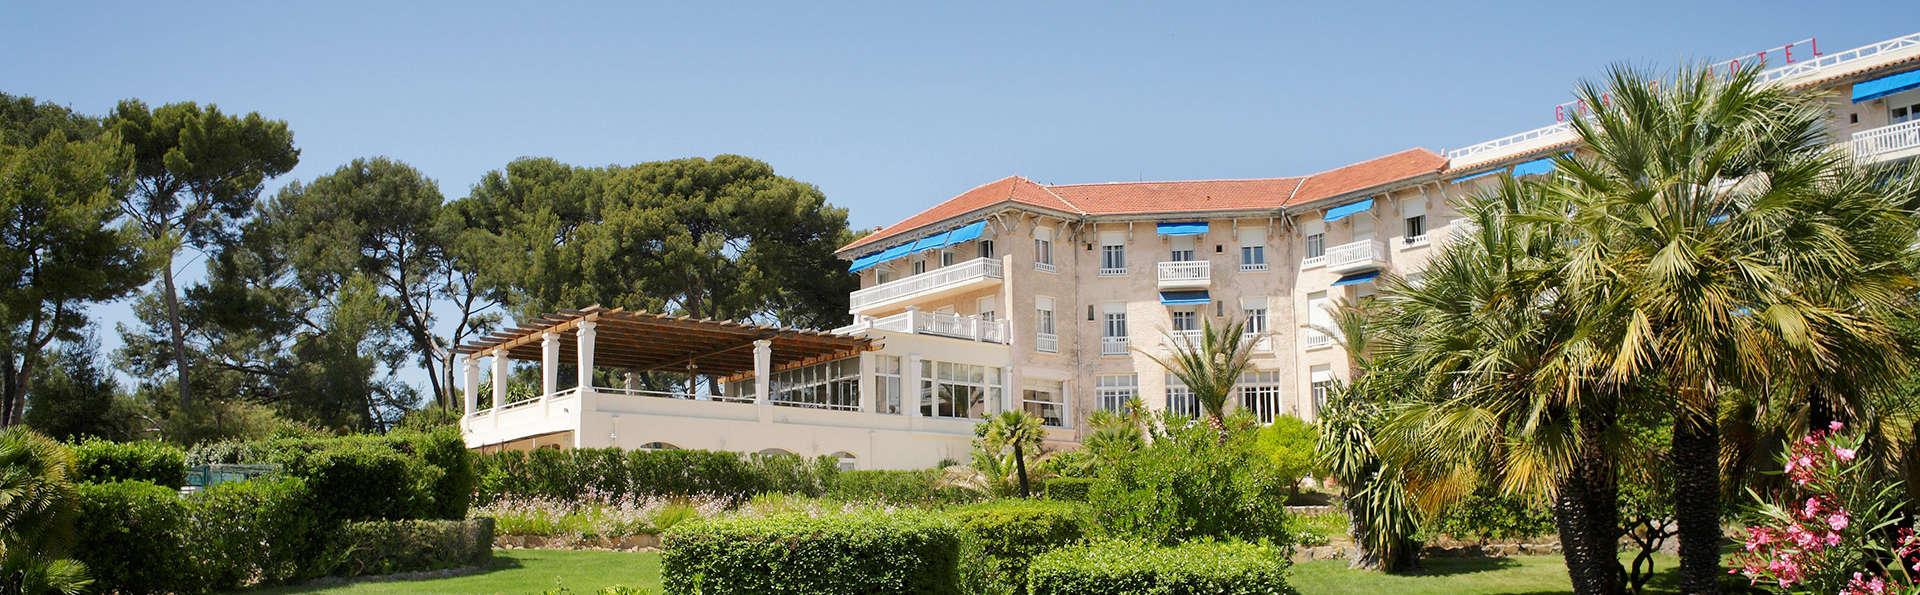 Offre spéciale Black Friday: Séjour dans un hôtel du XIXème siècle à Saint Cyr sur mer !